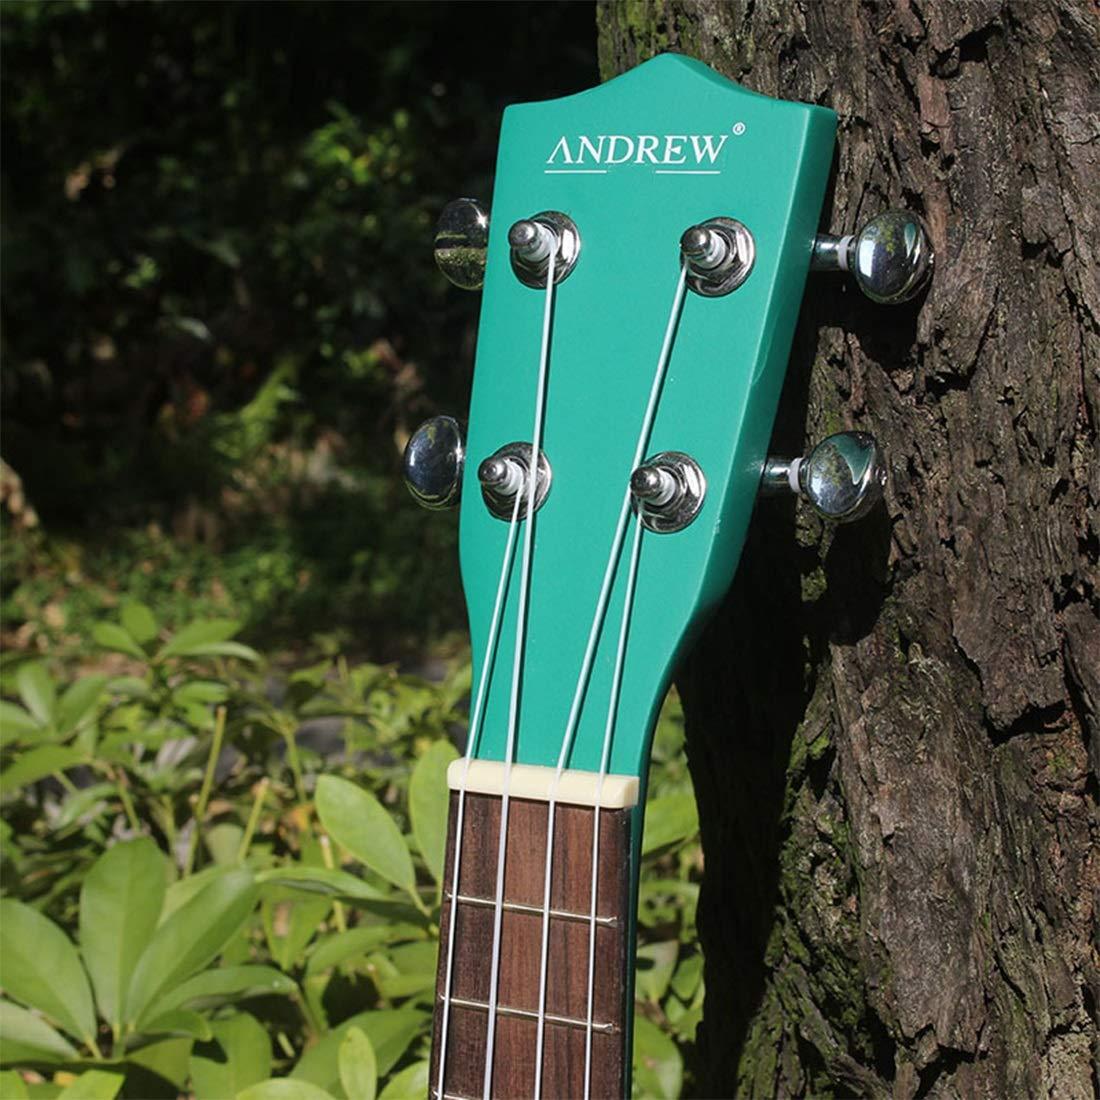 Olprkgdg Andrew21 Ukelele sandía de Dibujos Animados Pulgadas para Principiantes Hawaii pequeña Guitarra de Cuatro Cuerdas: Amazon.es: Hogar